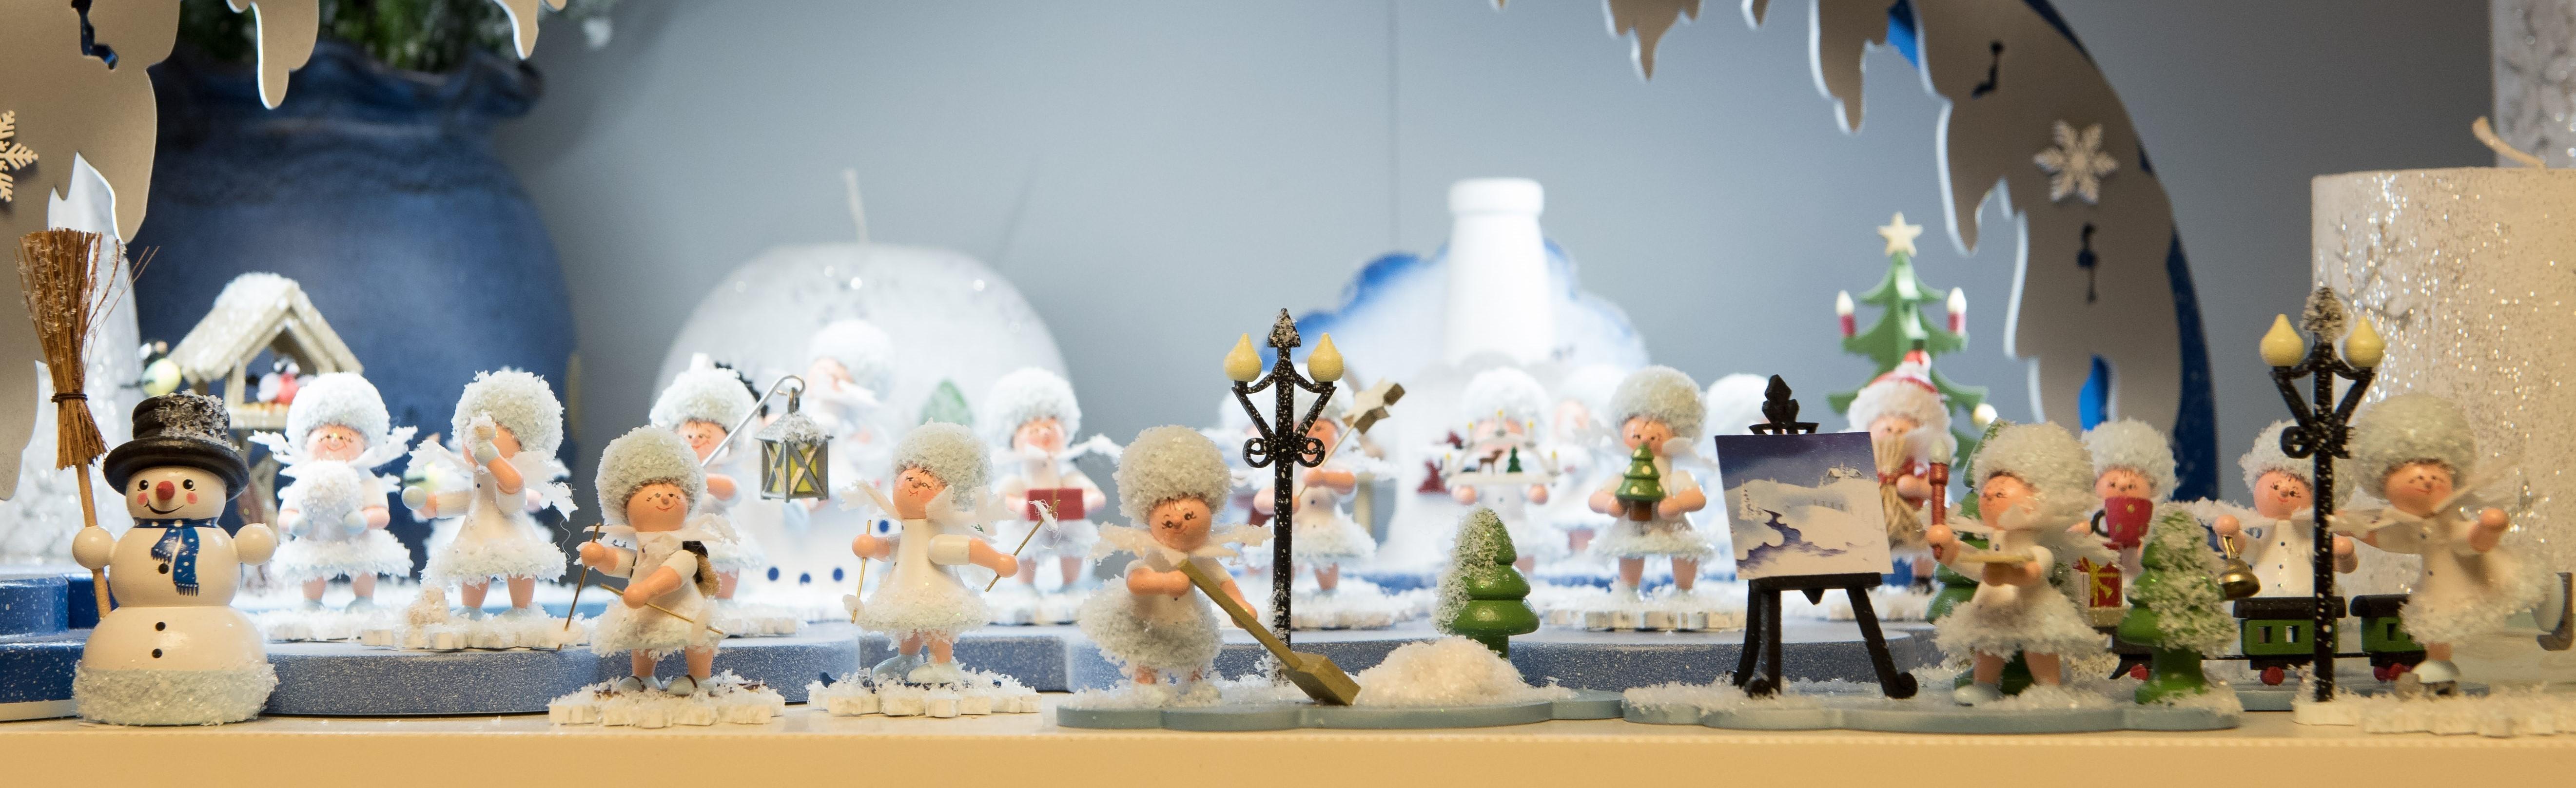 Erzgebirgisches Kunsthandwerk Schneeflöckchen